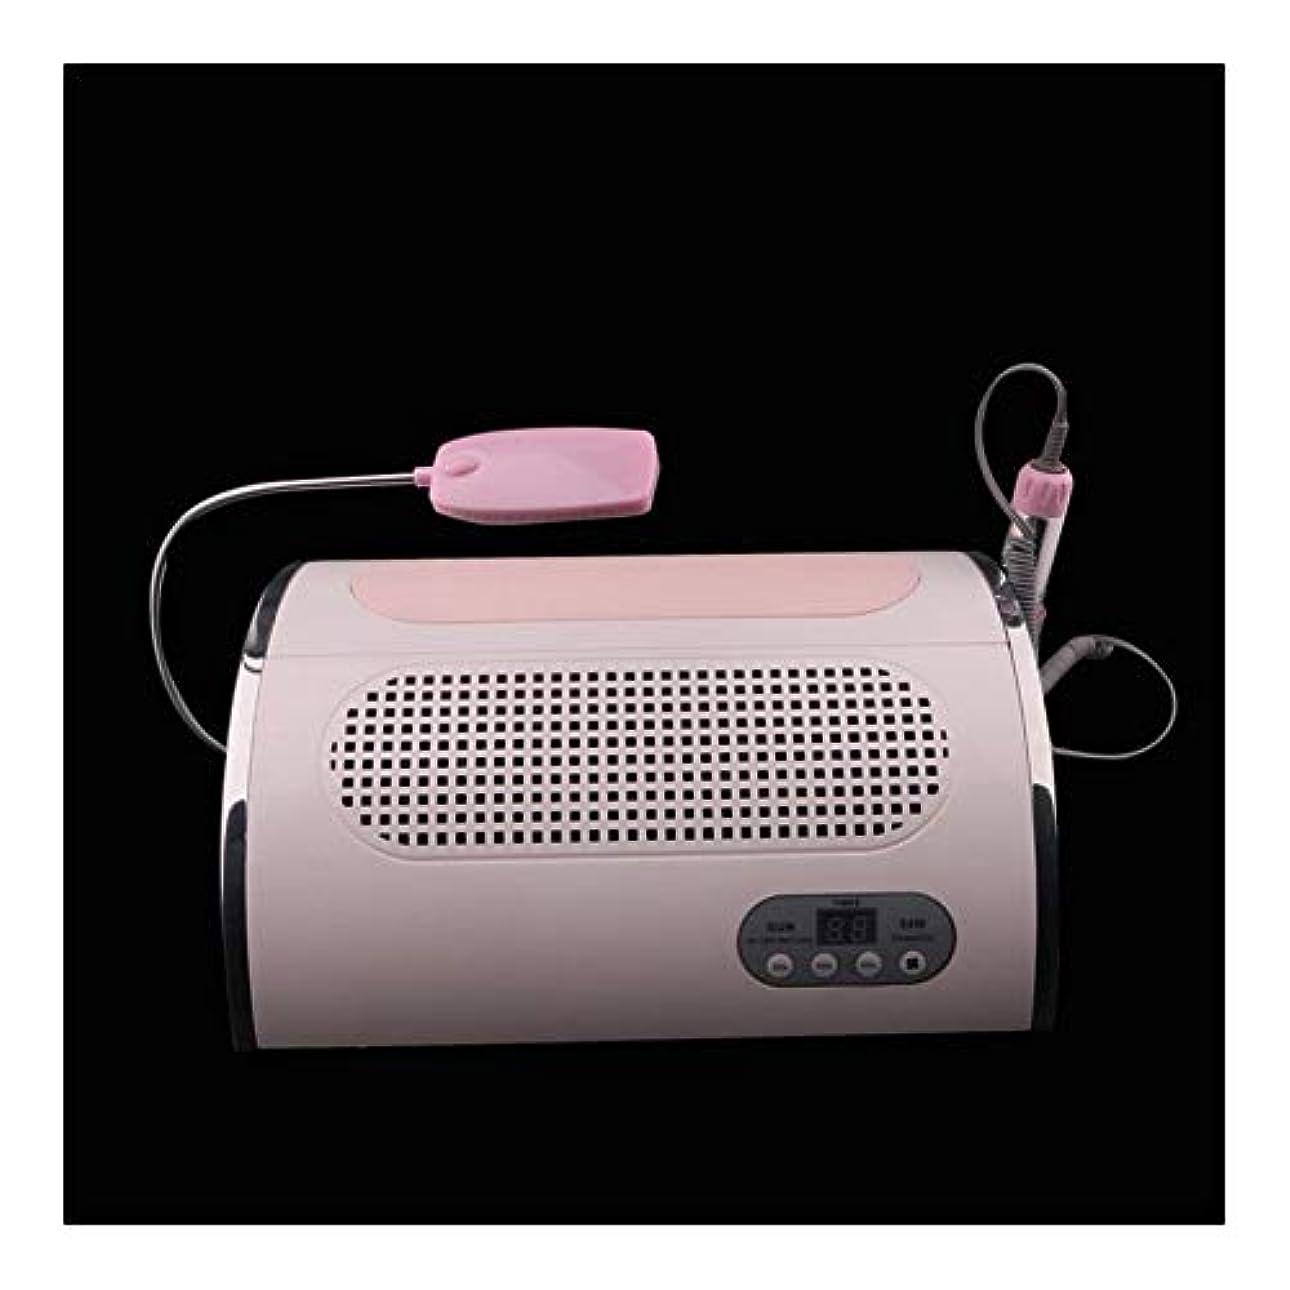 しないスペシャリスト防水YESONEEP ネイル掃除機グラインダーネイルクリーナー54W LED光線療法ライト光線療法機械 (Size : 4 in 1)